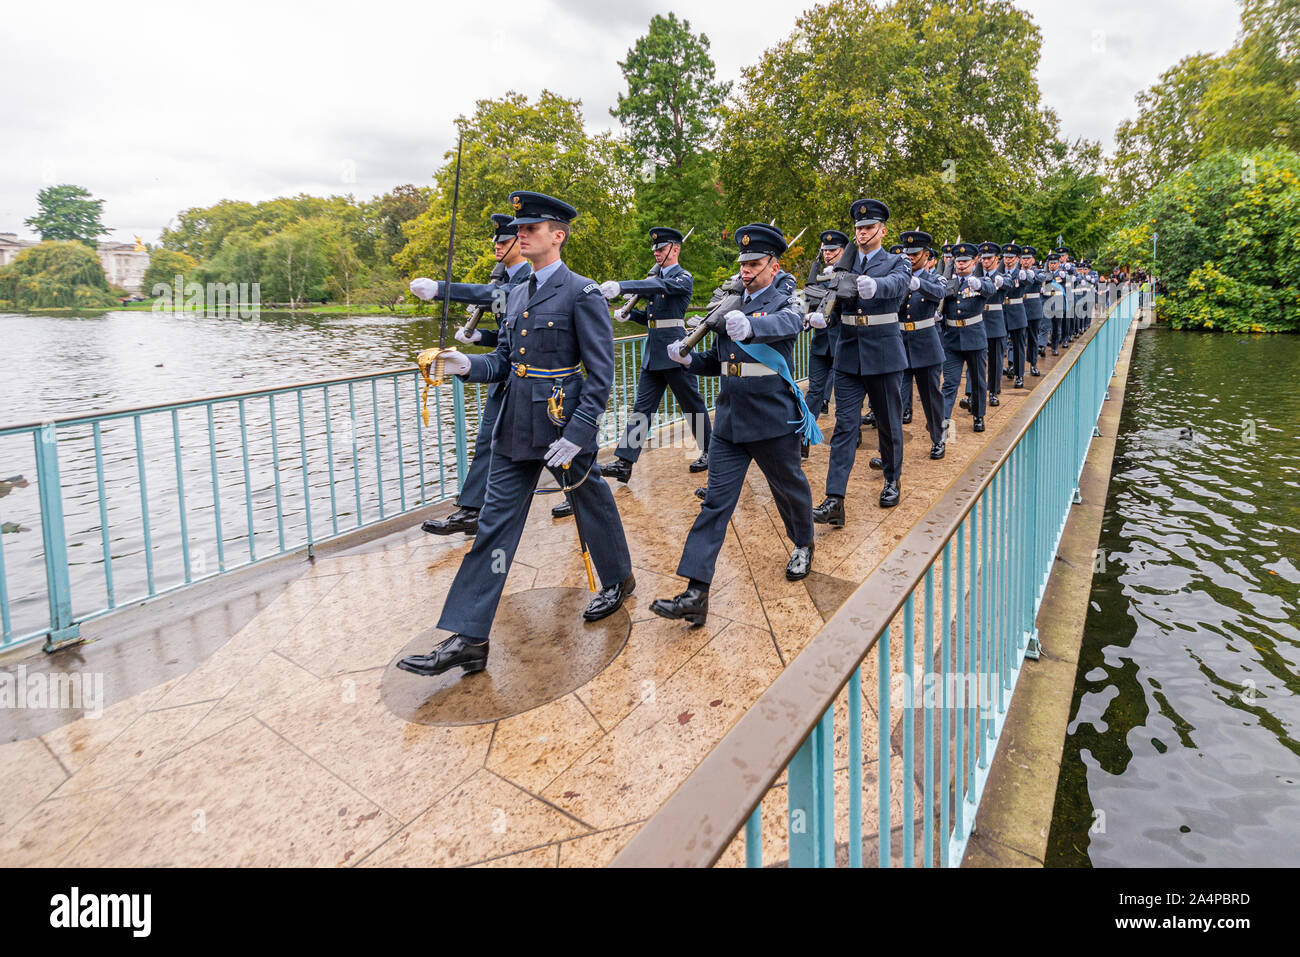 Royal Air Force RAF marchando cruzando el puente azul en St James's Park, cerca del Palacio de Buckingham después de la ceremonia de apertura del Parlamento, London, UK Foto de stock